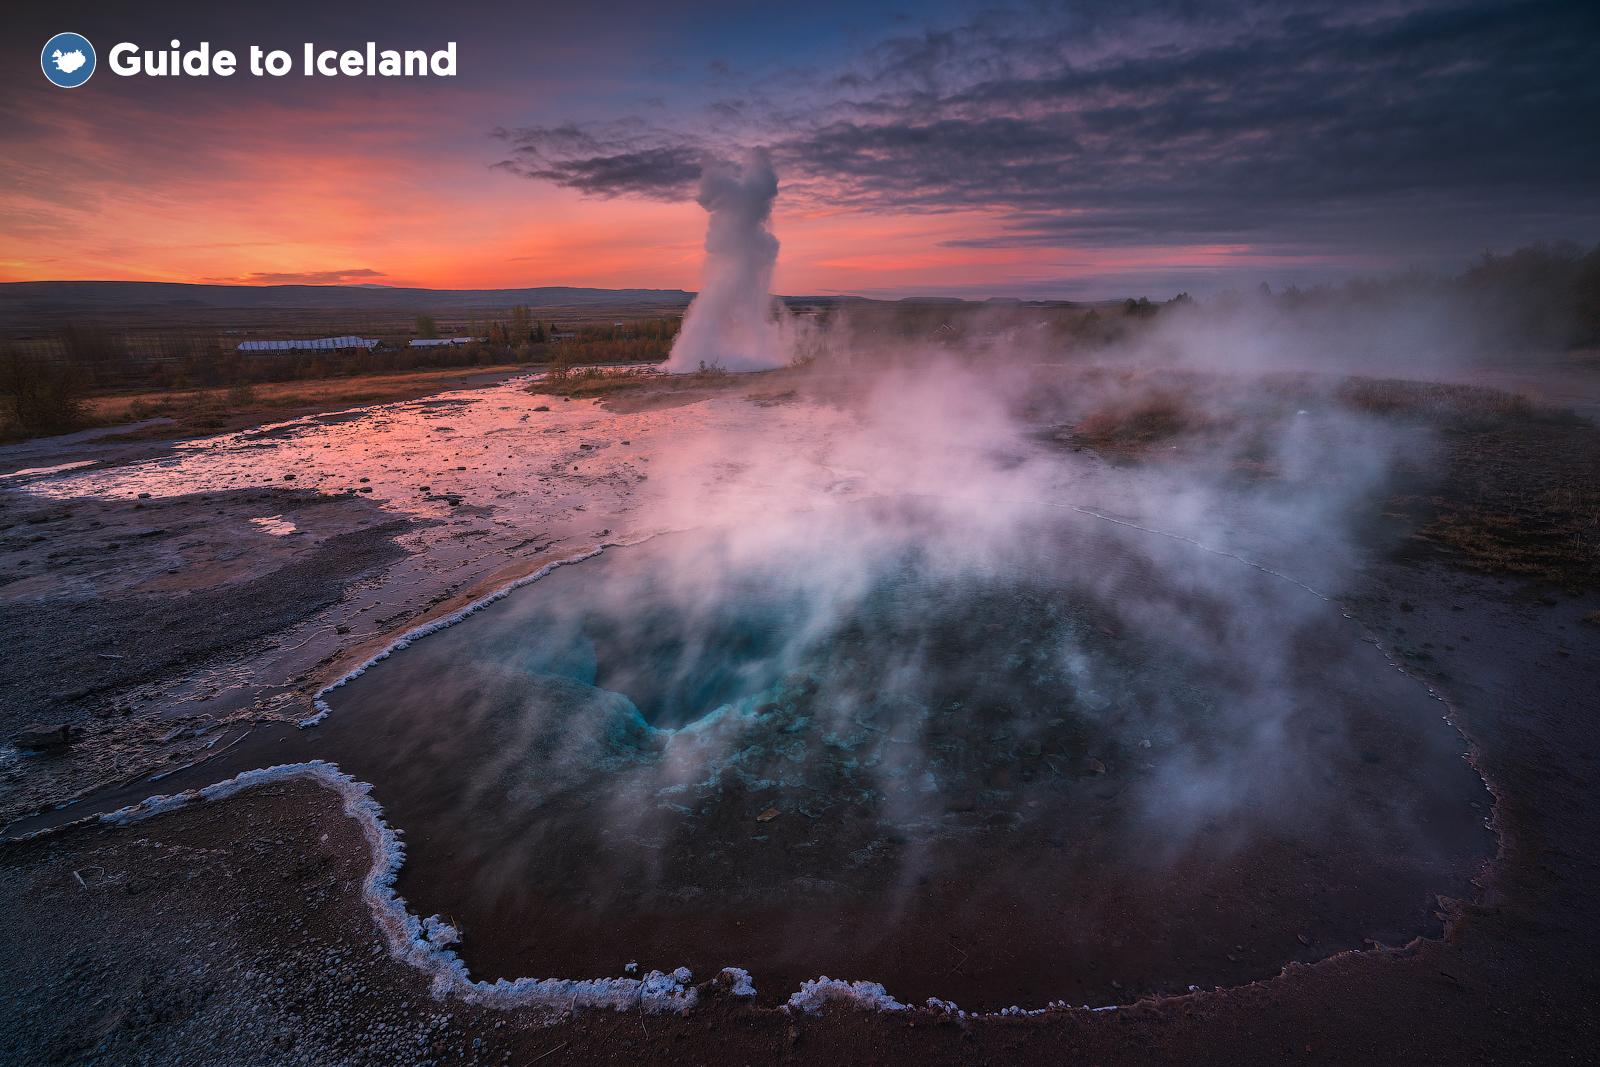 겨울 렌트카 여행으로 골든 서클 등, 아이슬란드 명소를 방문해보세요!